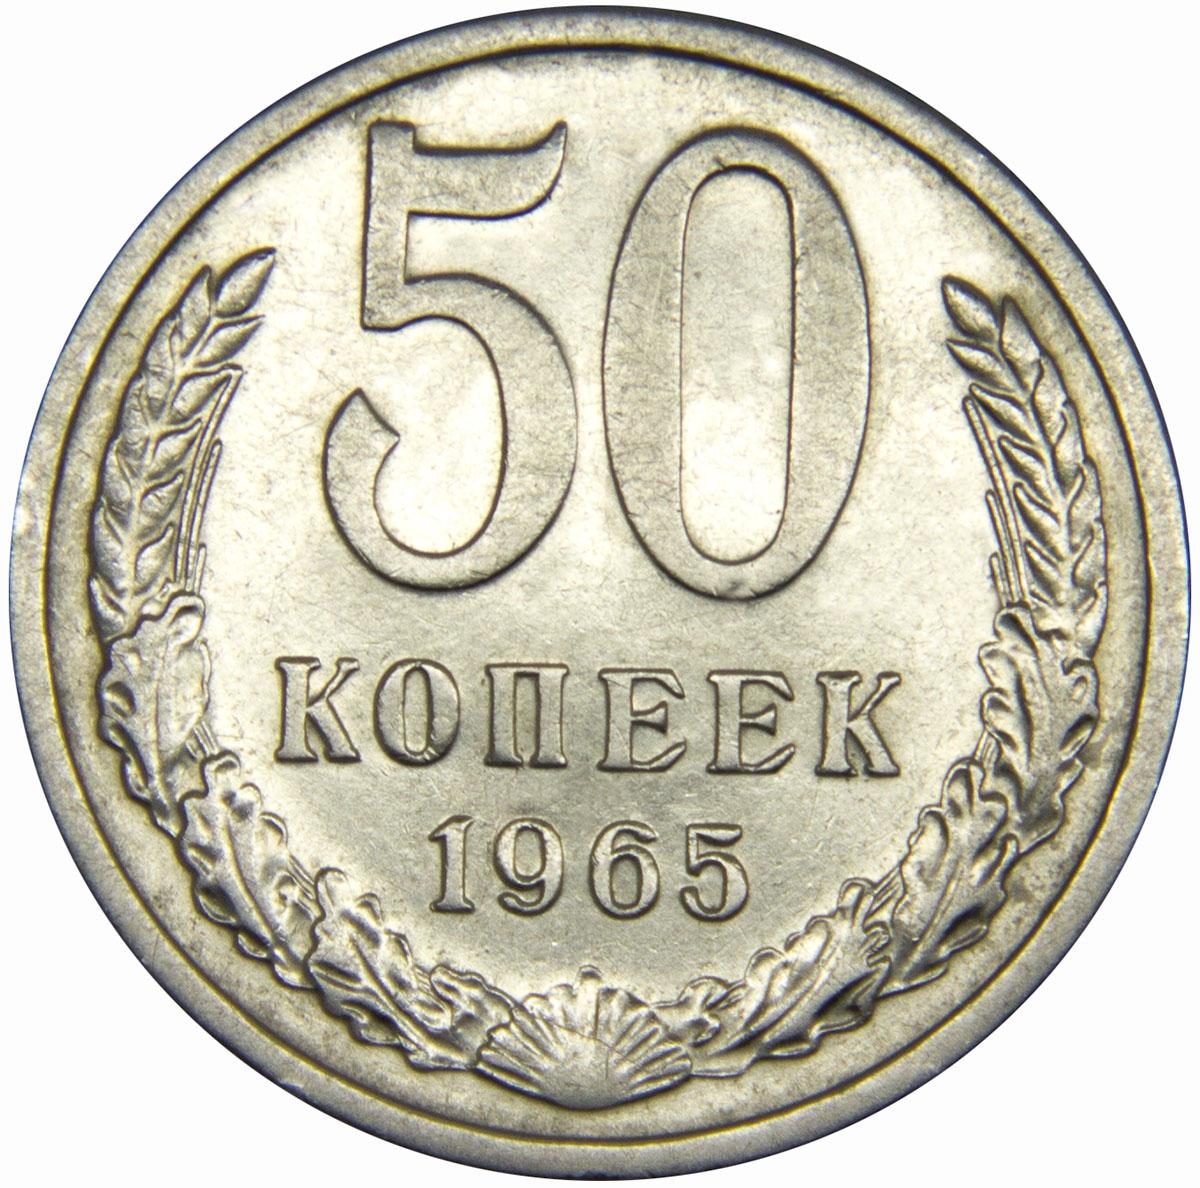 Монета номиналом 50 копеек. Медно-никелевый сплав. Сохранность VF. СССР, 1965 год739Диаметр монеты: 24 мм Вес: 4,4 г. Материал: медь-никель Гурт: надпись